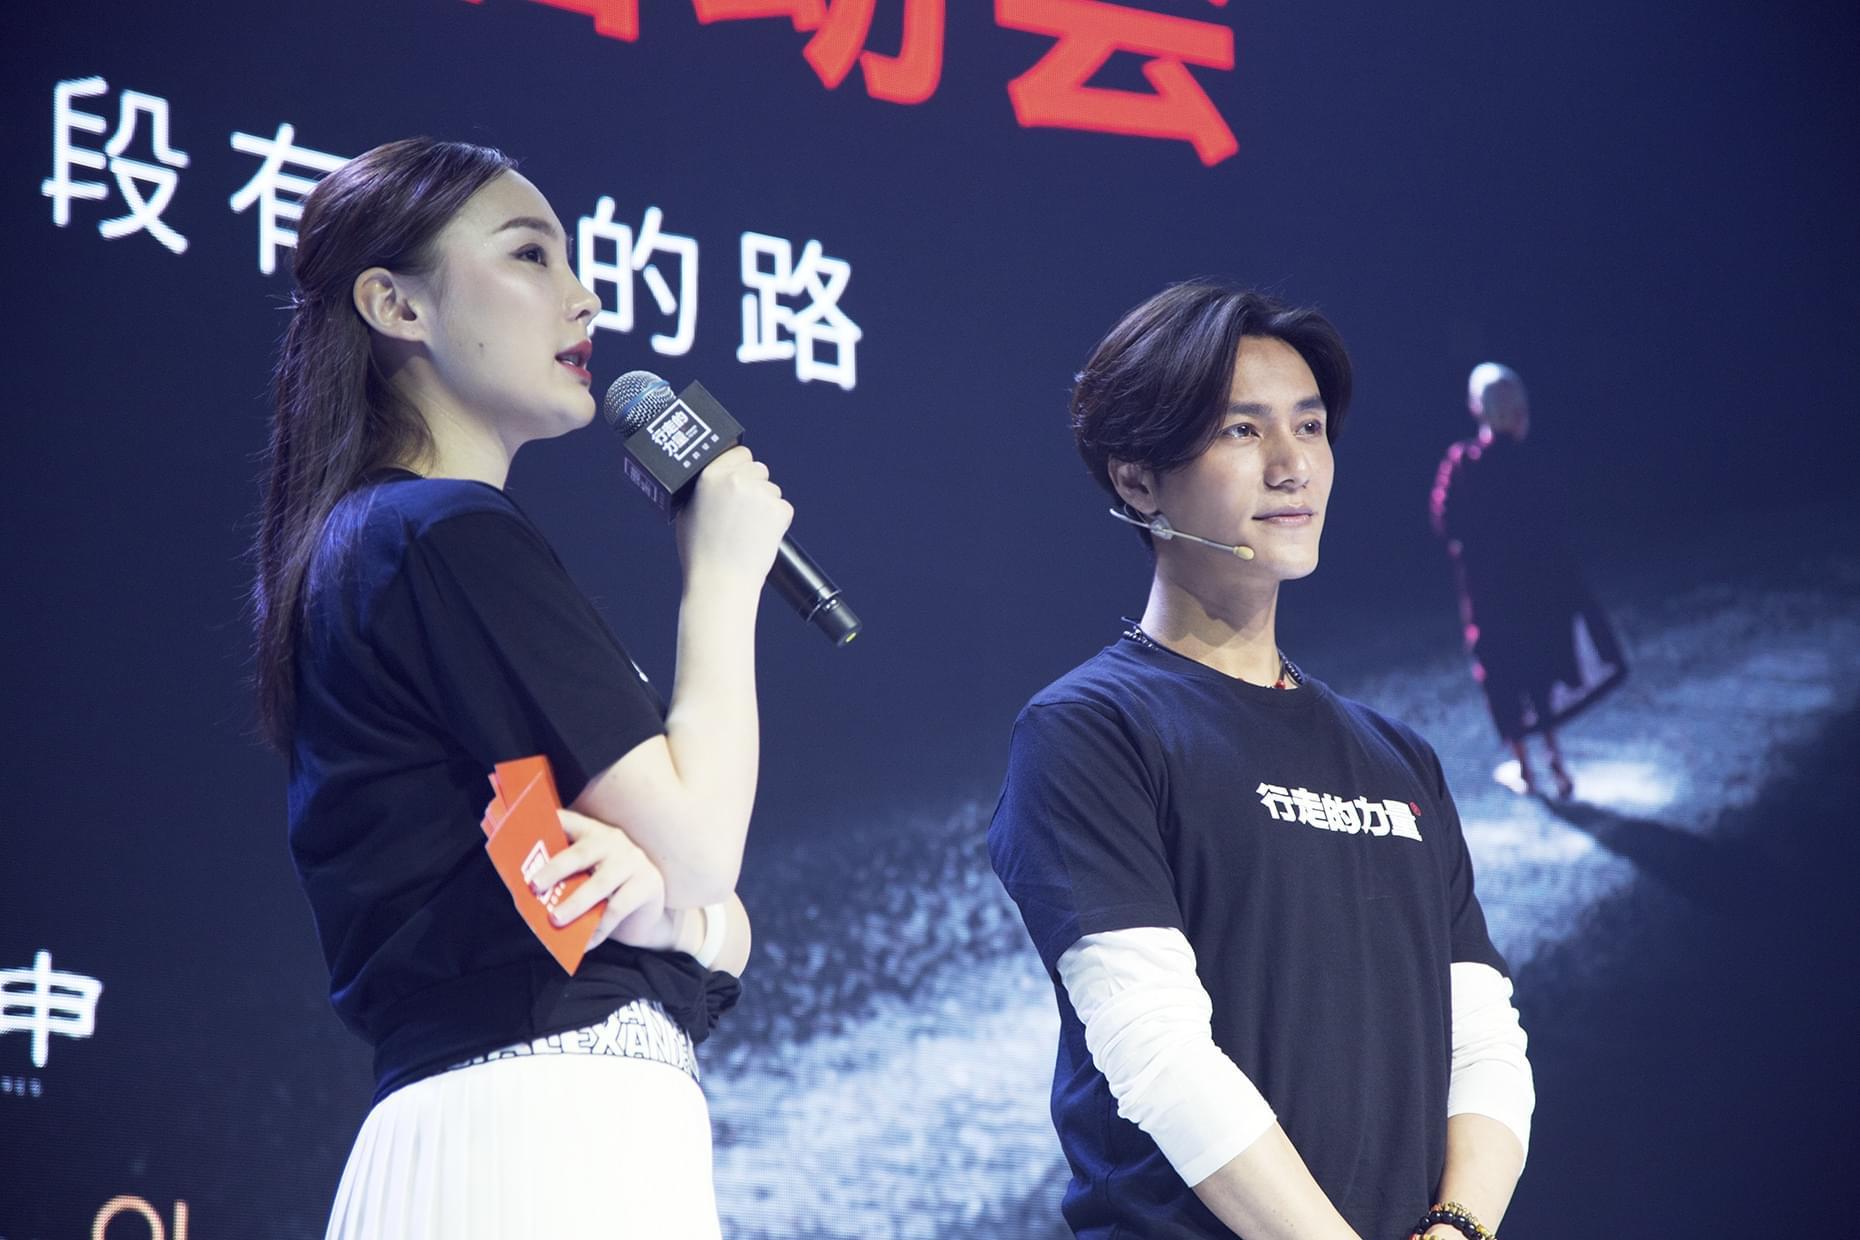 陈坤专访:行走是自己少年感的源泉